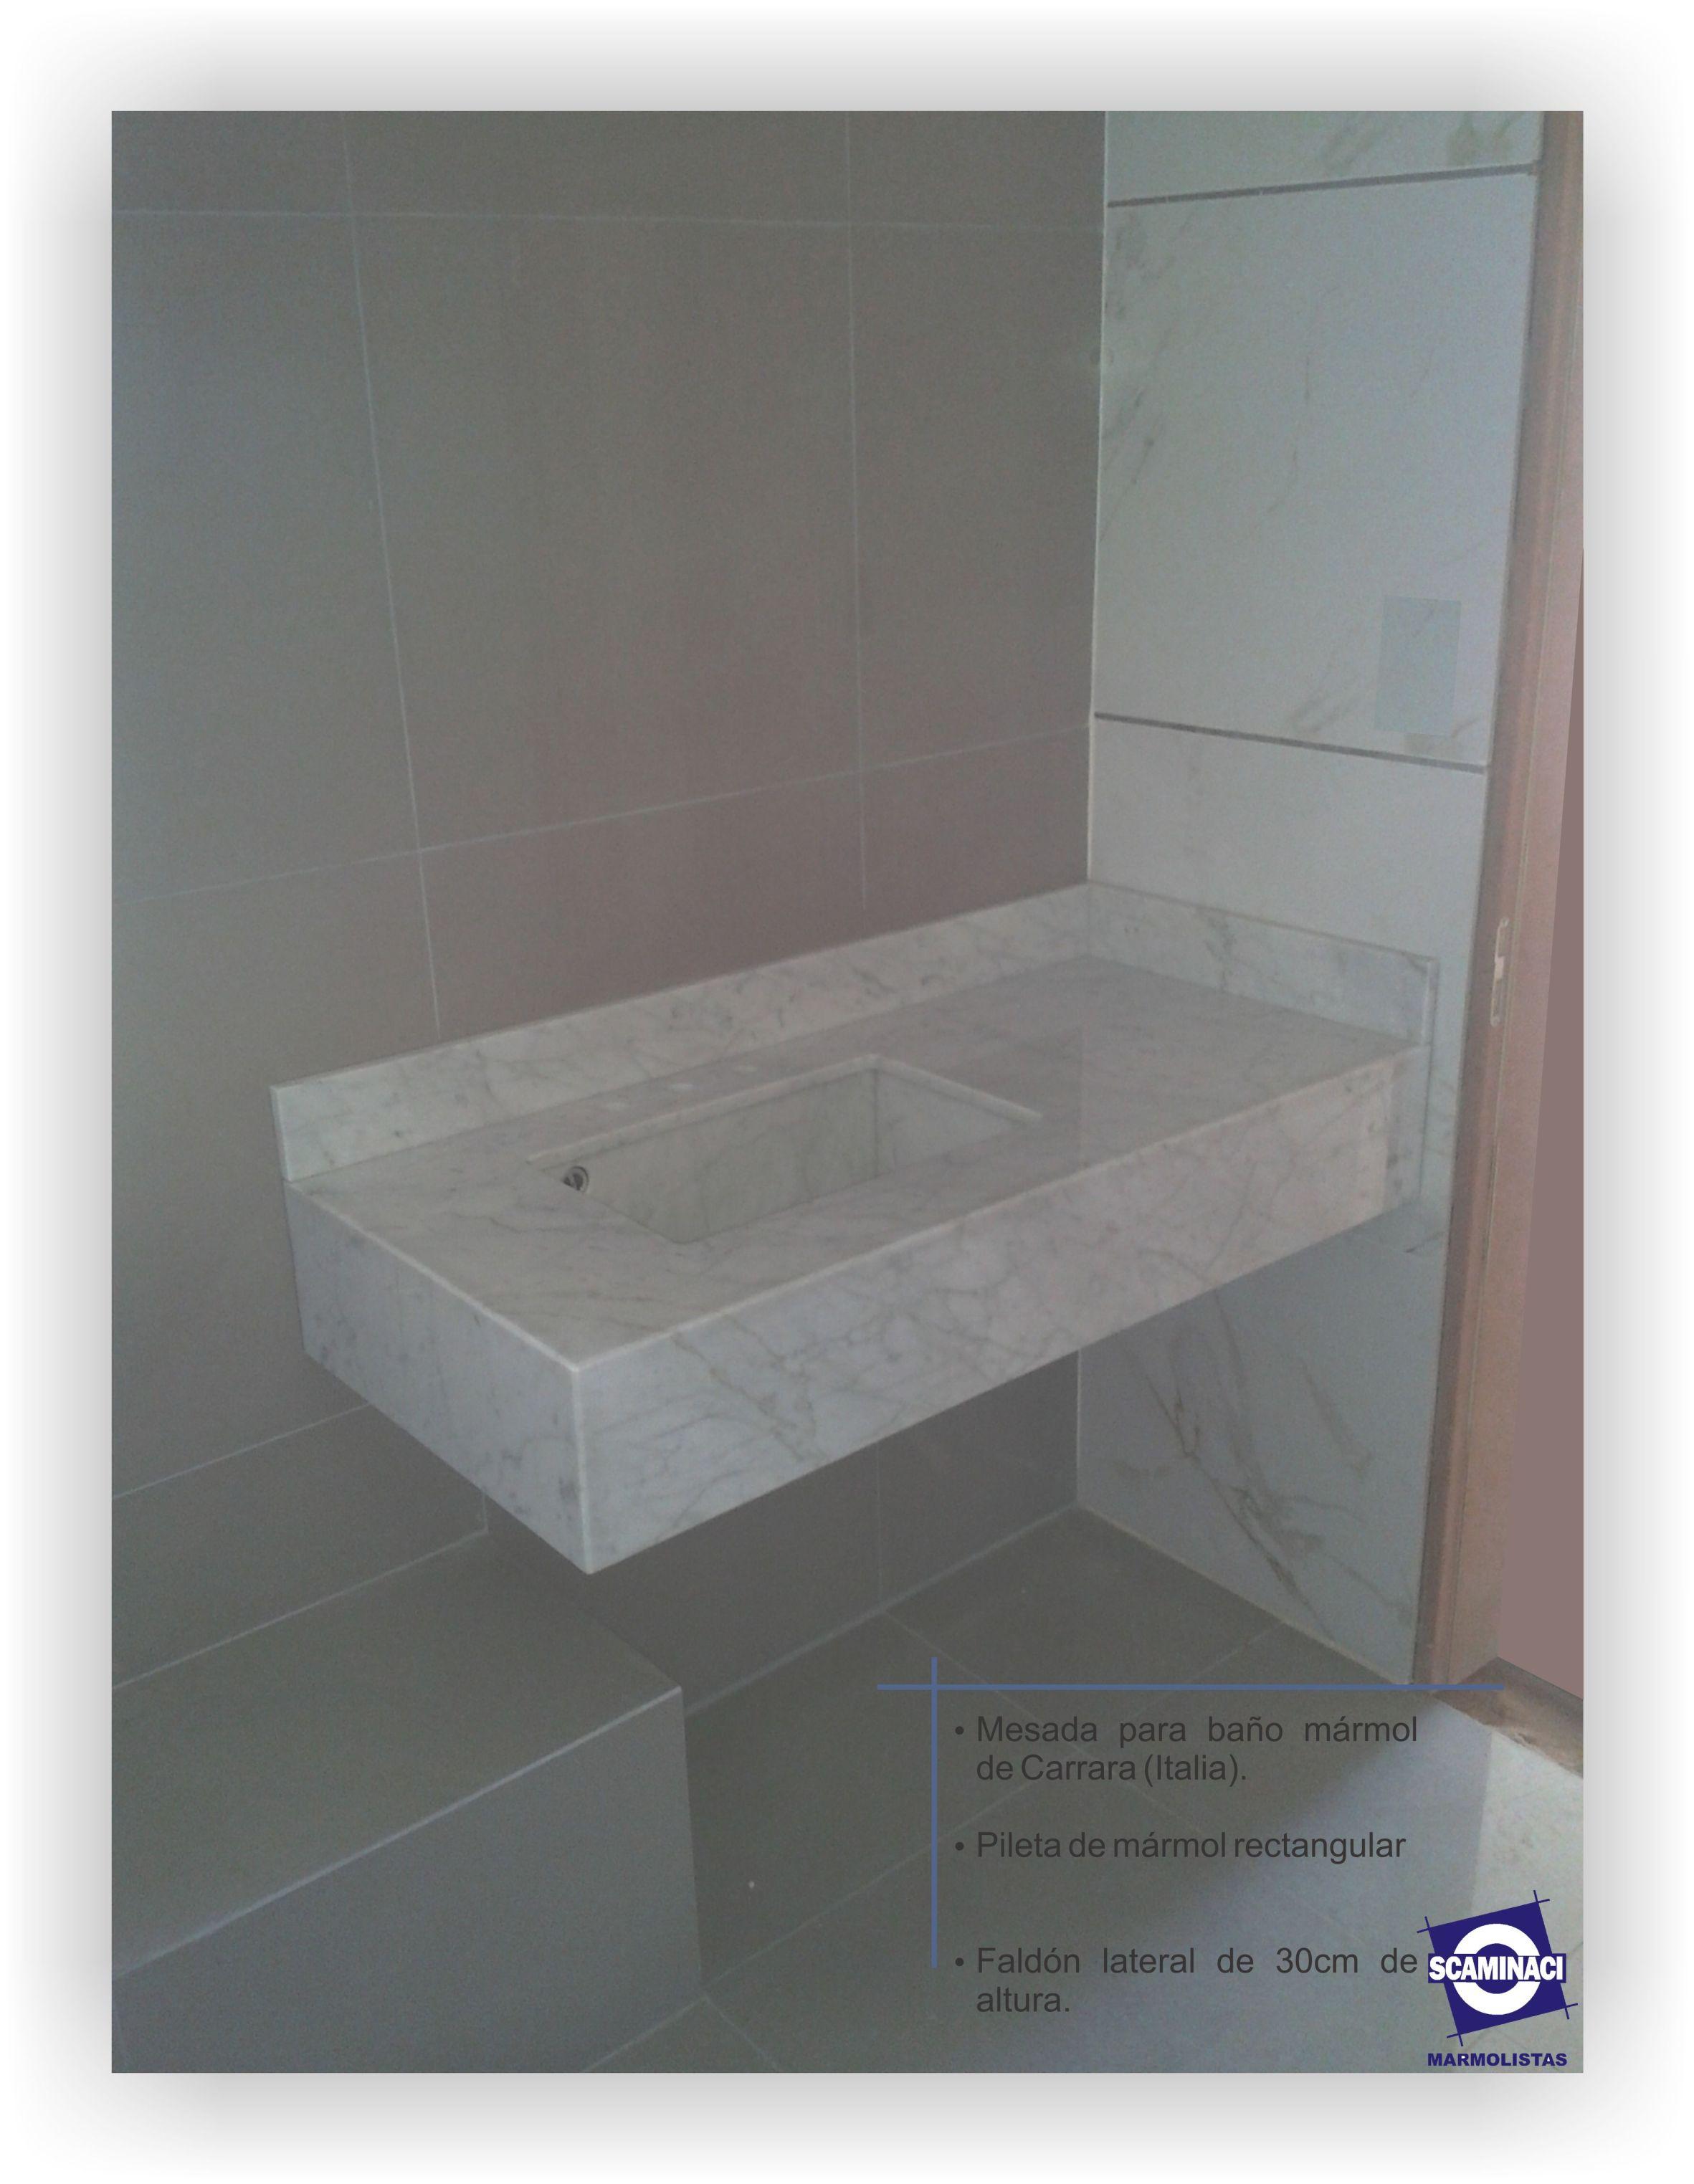 Scaminaci Marmolistas » Blog Archive » Mesada para baño en ...